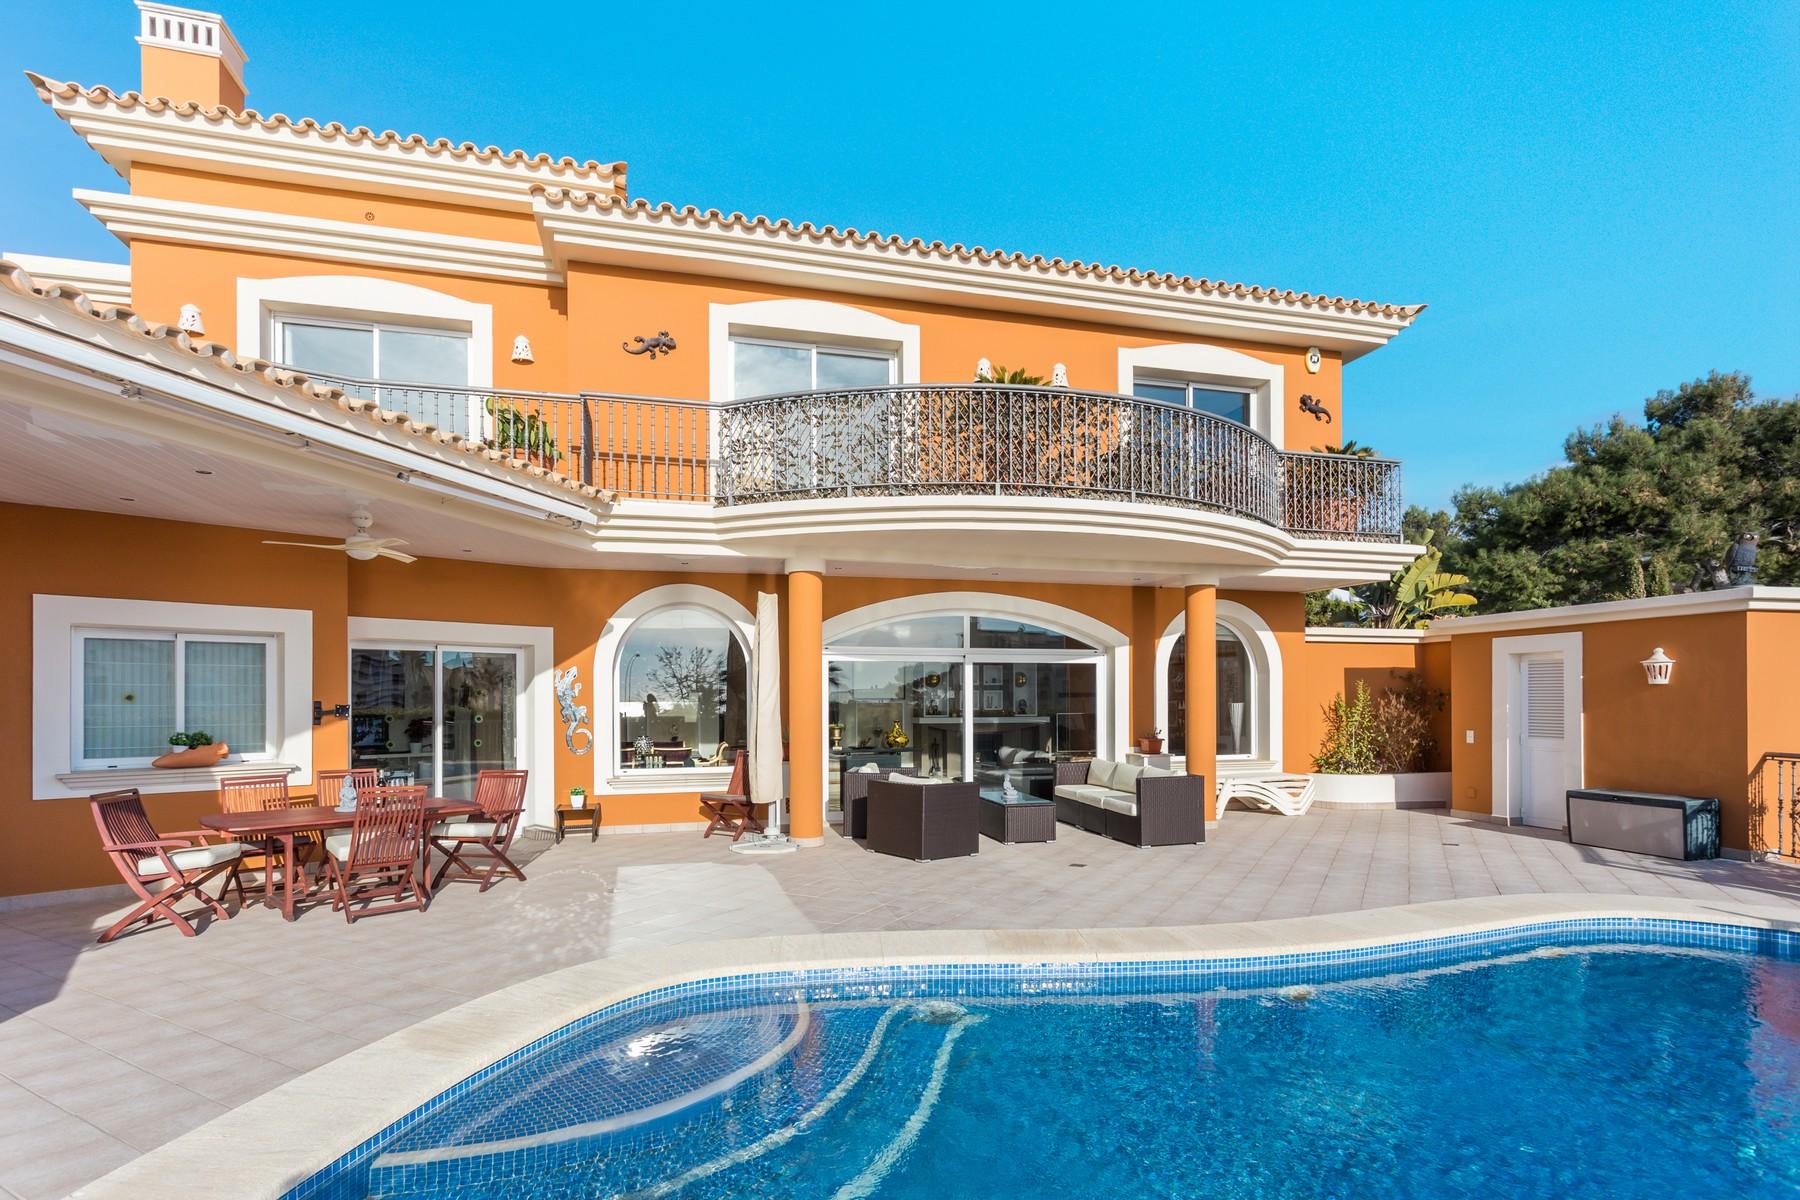 단독 가정 주택 용 매매 에 Mediterranean villa with views in Nova Santa Ponsa Santa Ponsa, 말로카, 07180 스페인